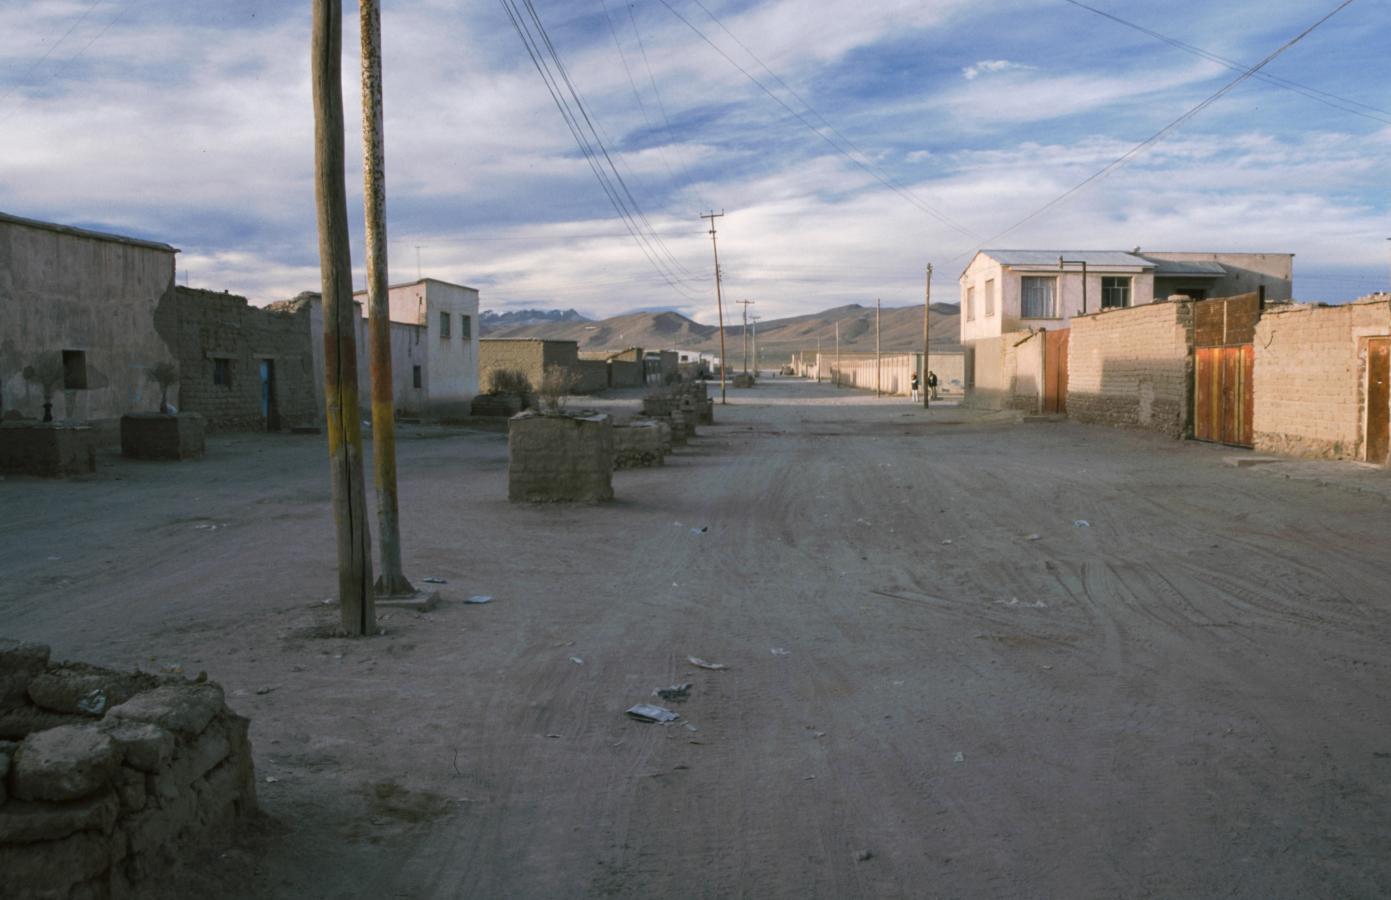 lama-glama-26-bolivia-2001